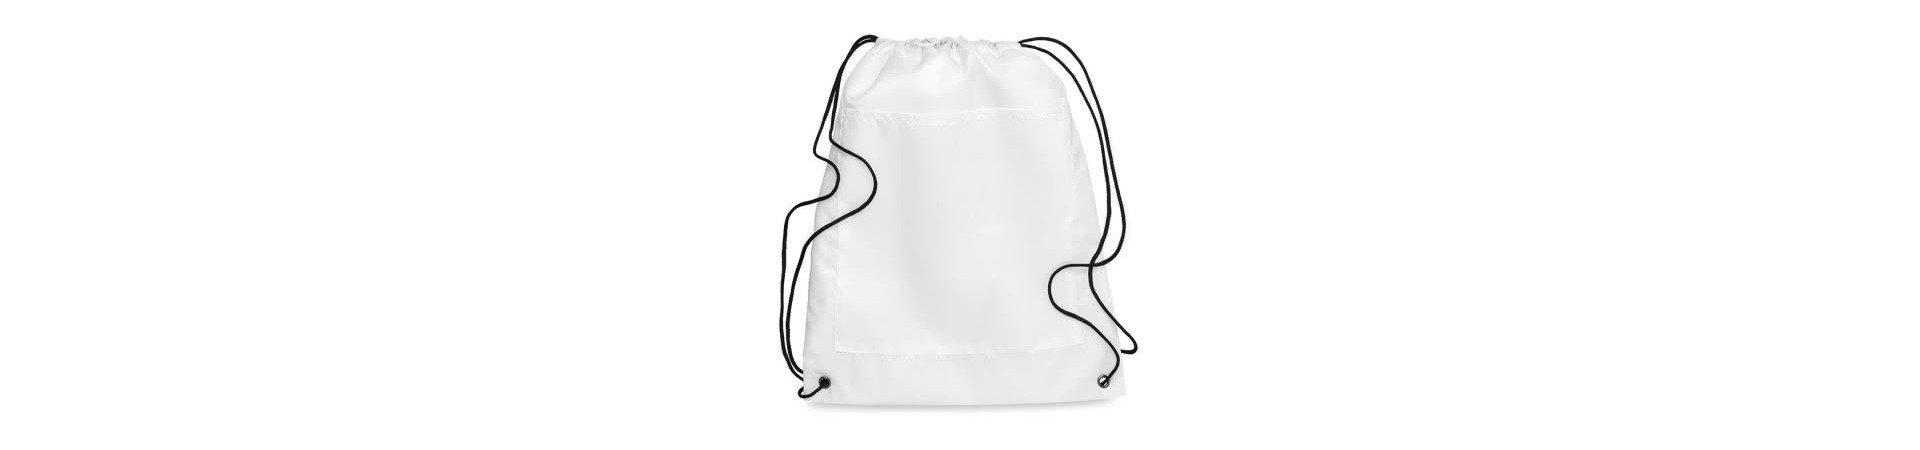 Asas para bolsas, mochilas, bolsos